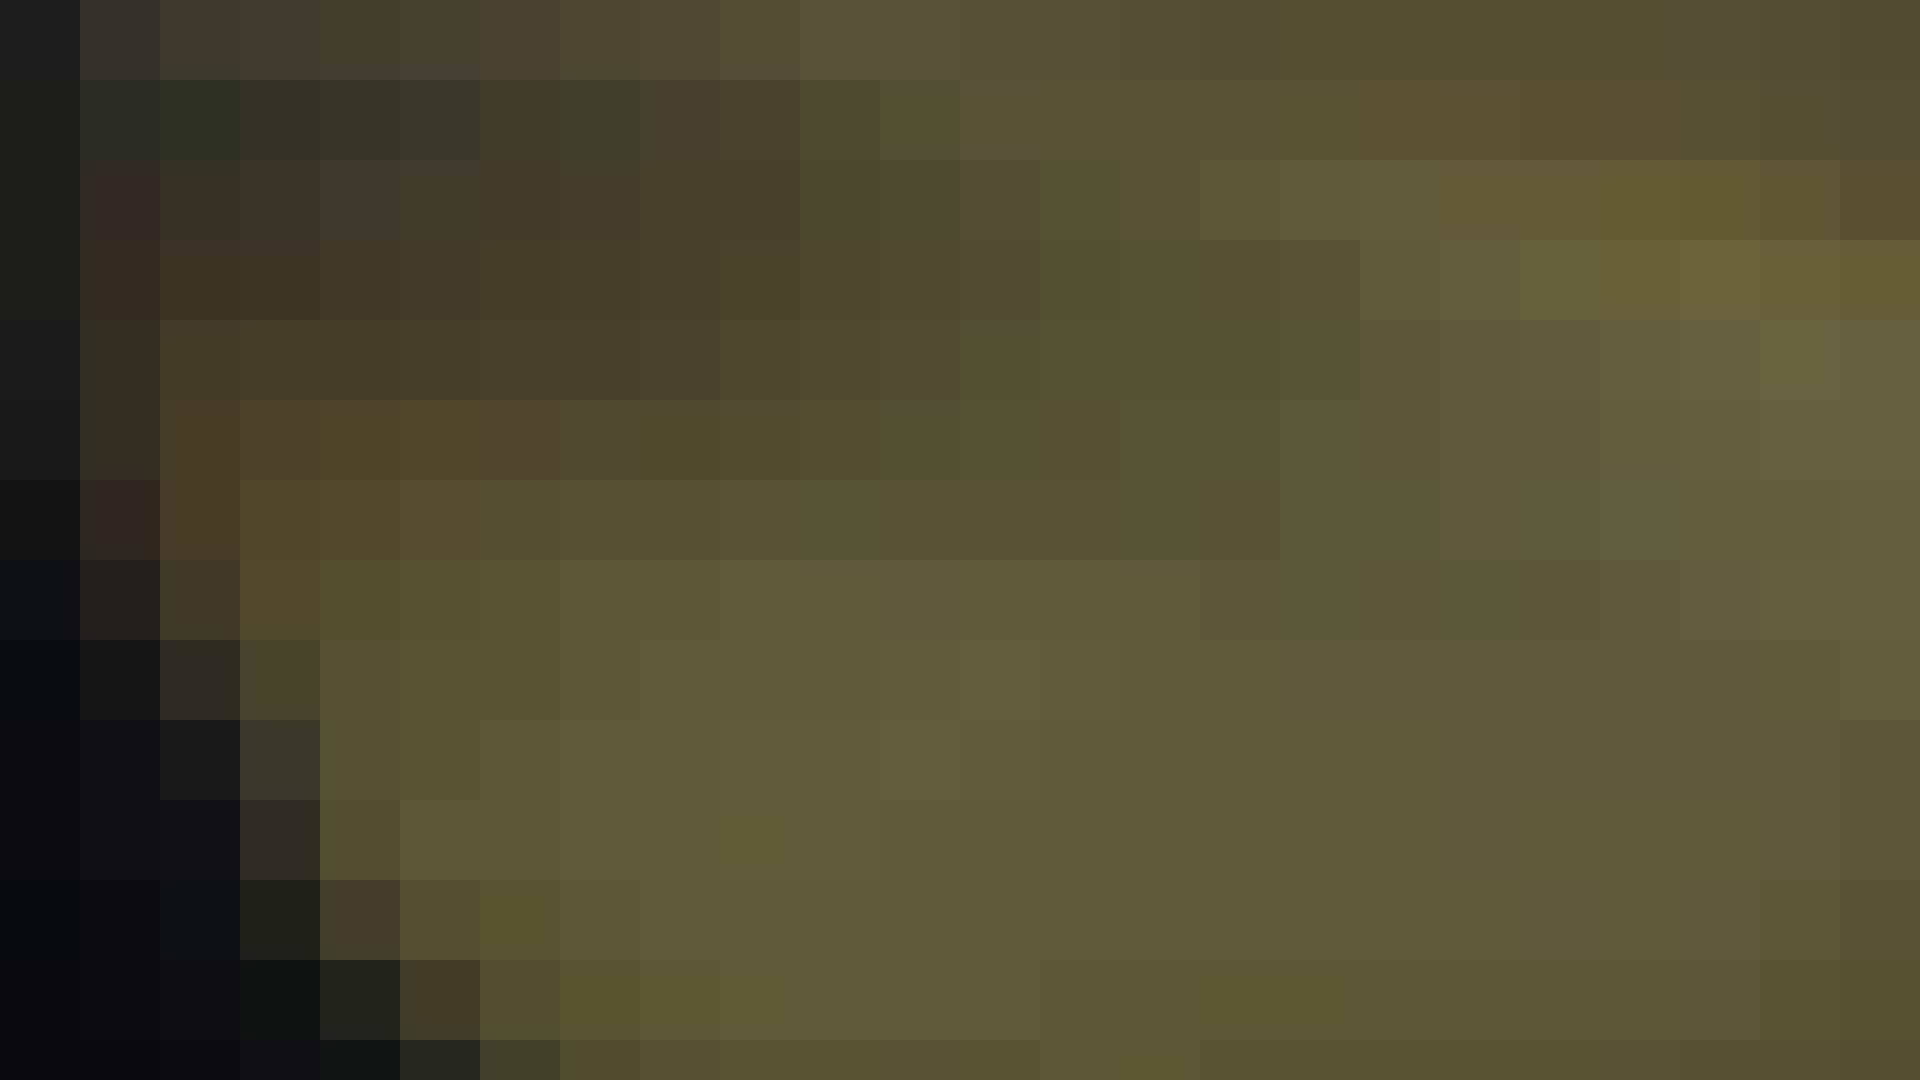 阿国ちゃんの「和式洋式七変化」No.17 高評価   和式で・・・  87画像 49